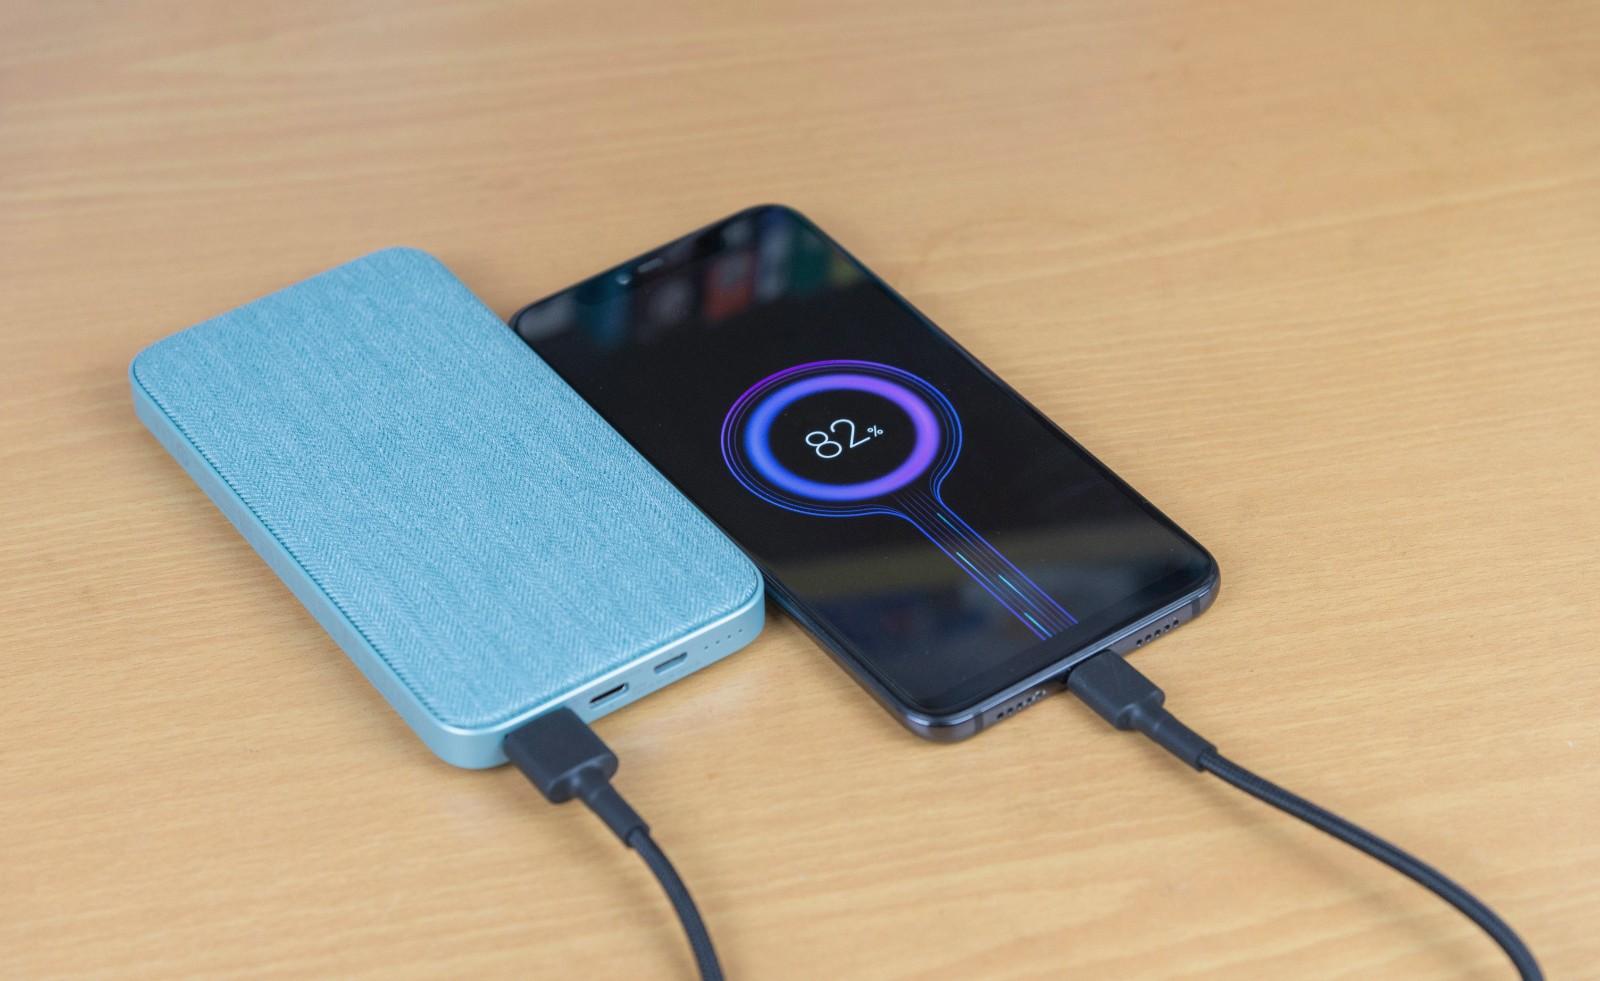 紫米新品移动电源,梦幻配色+双向快充,还可USB-C数据扩展